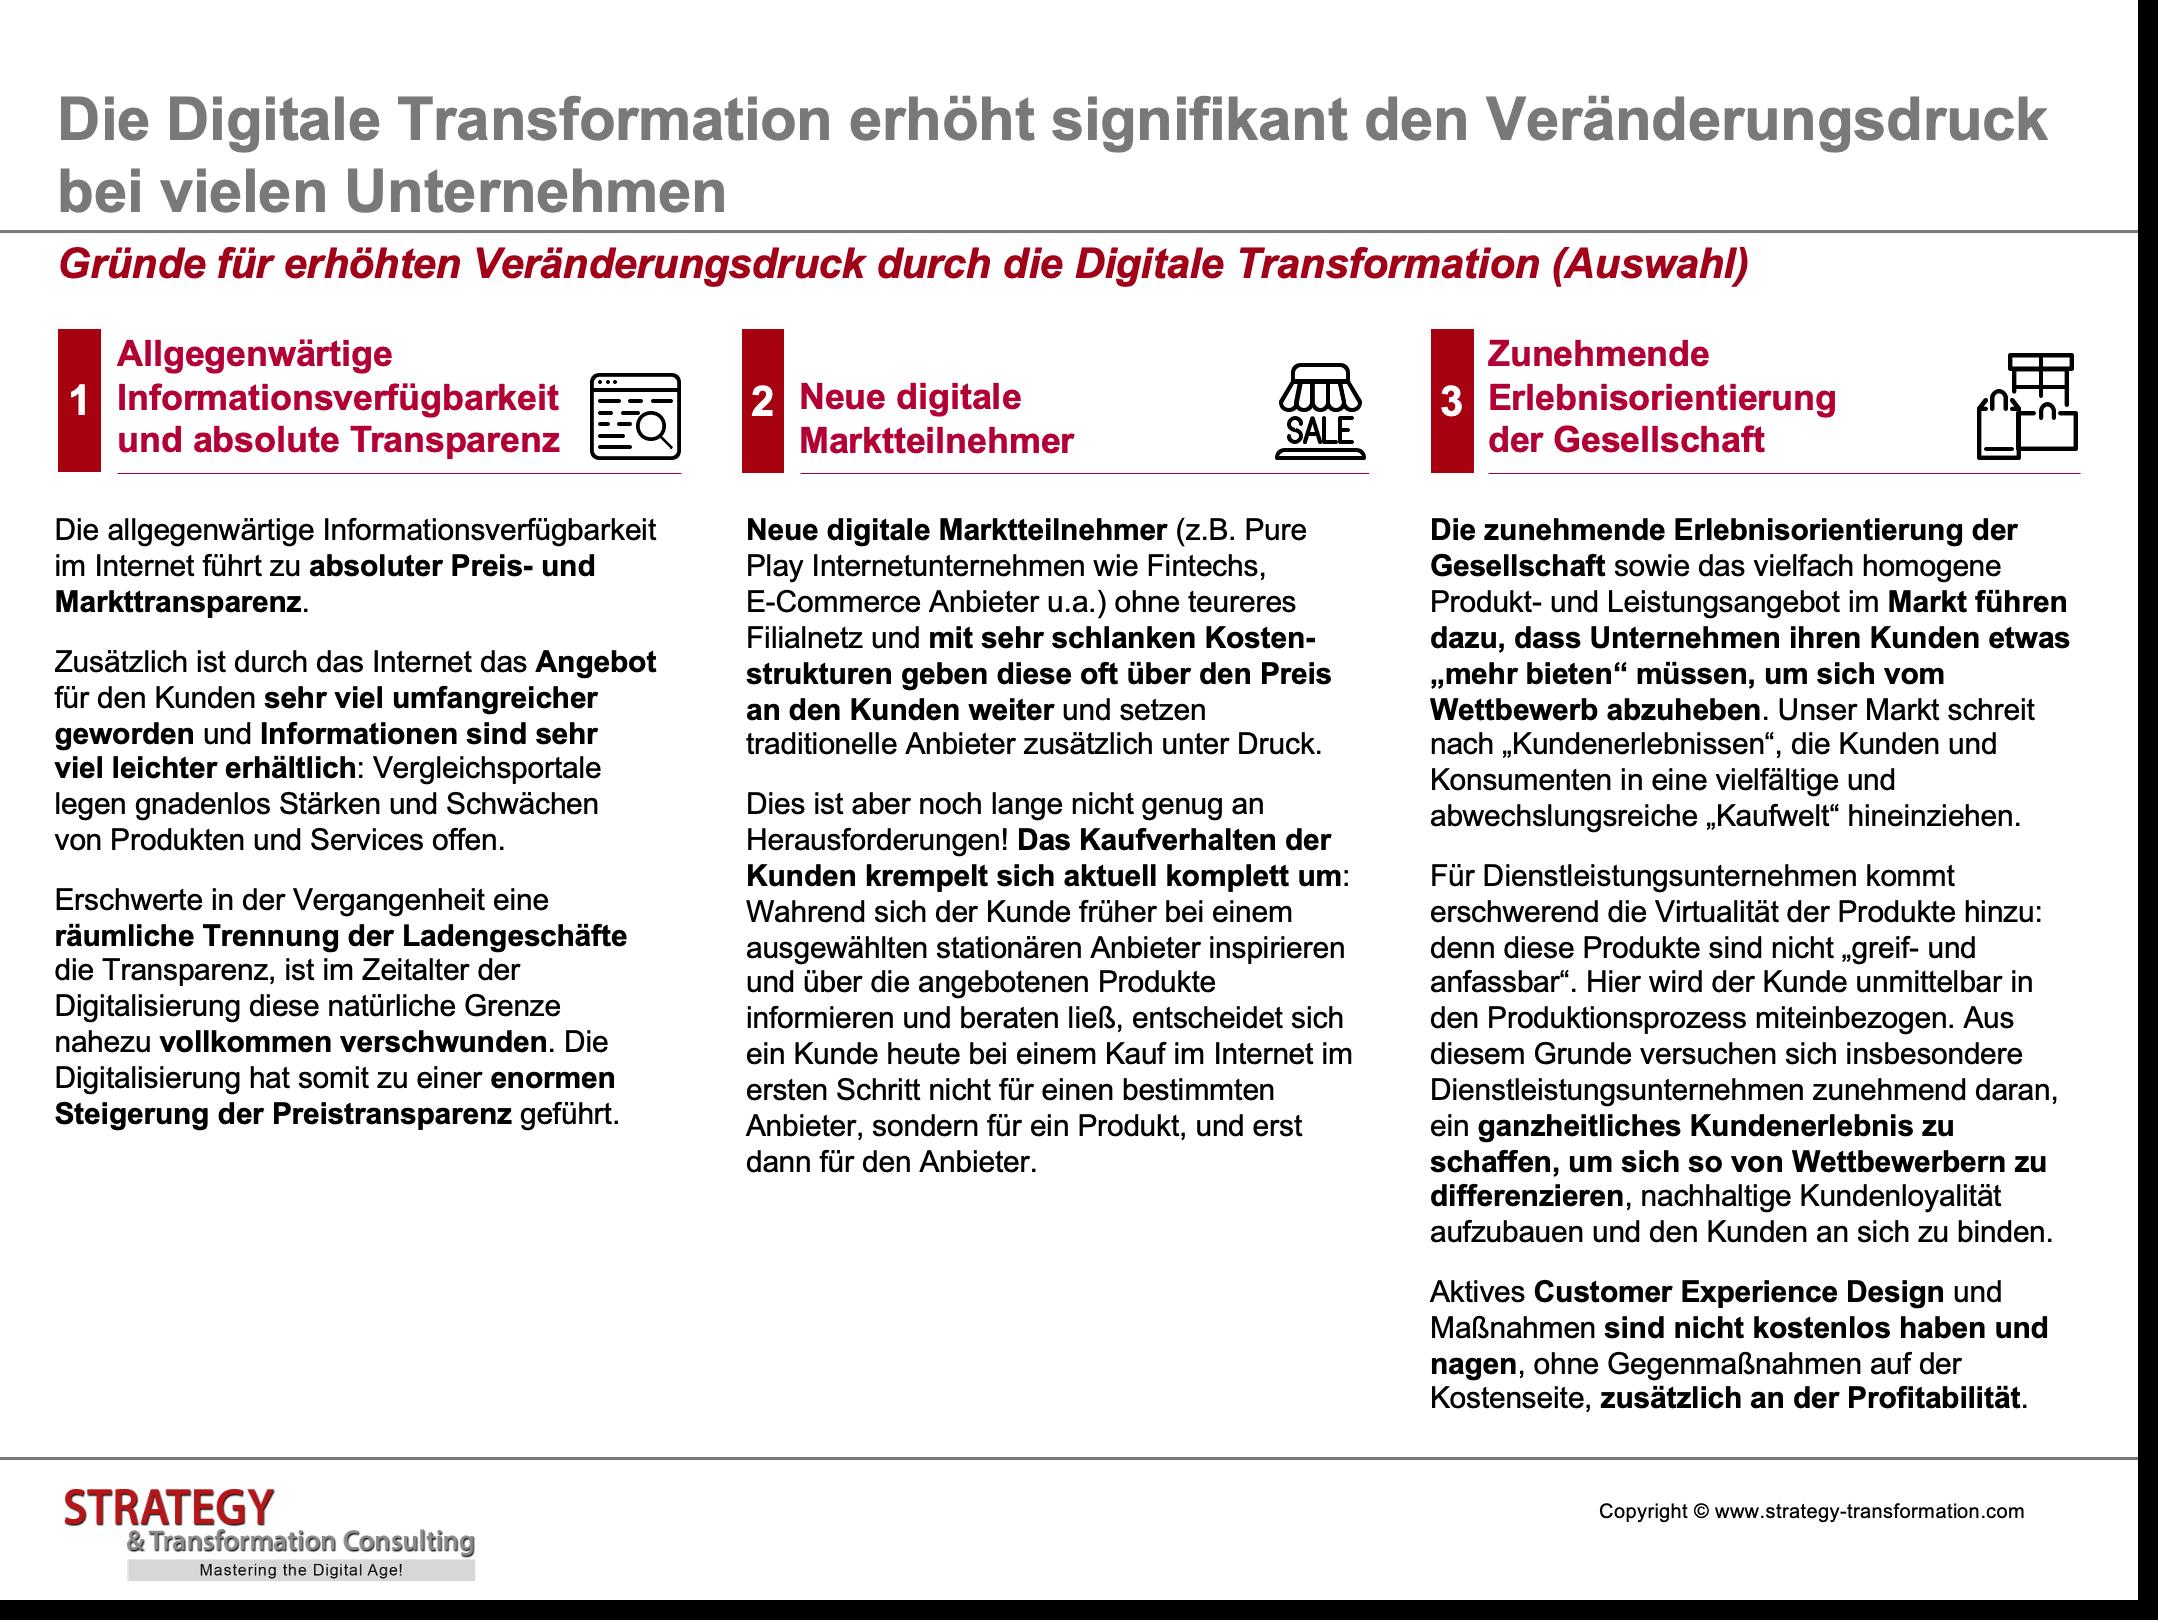 Gründe für erhöhten Veränderungsdruck durch die Digitale Transformation (Auswahl)